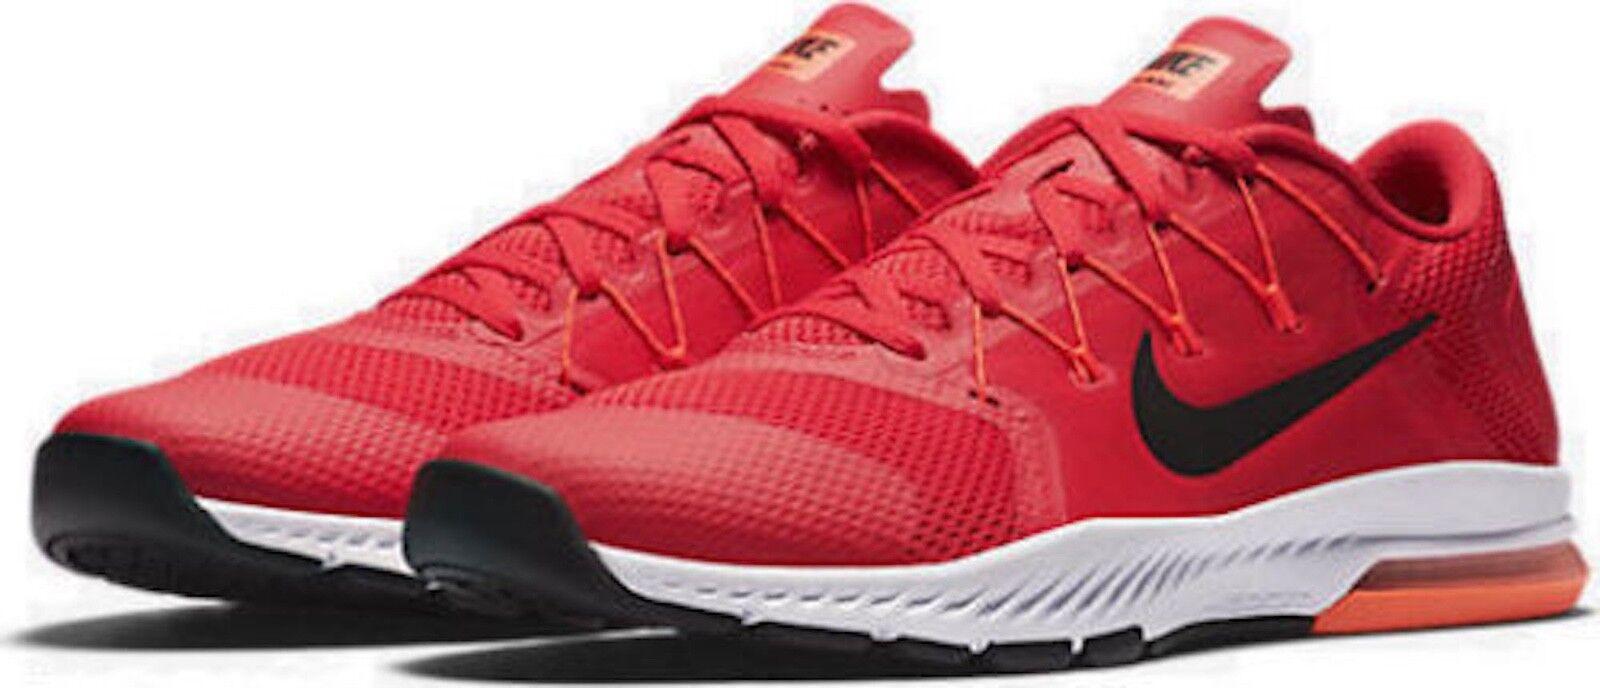 Nike metcon 2 rosso / bianco / rosso Uomo taglia 10 siringhe di euc!819899-610 formazione